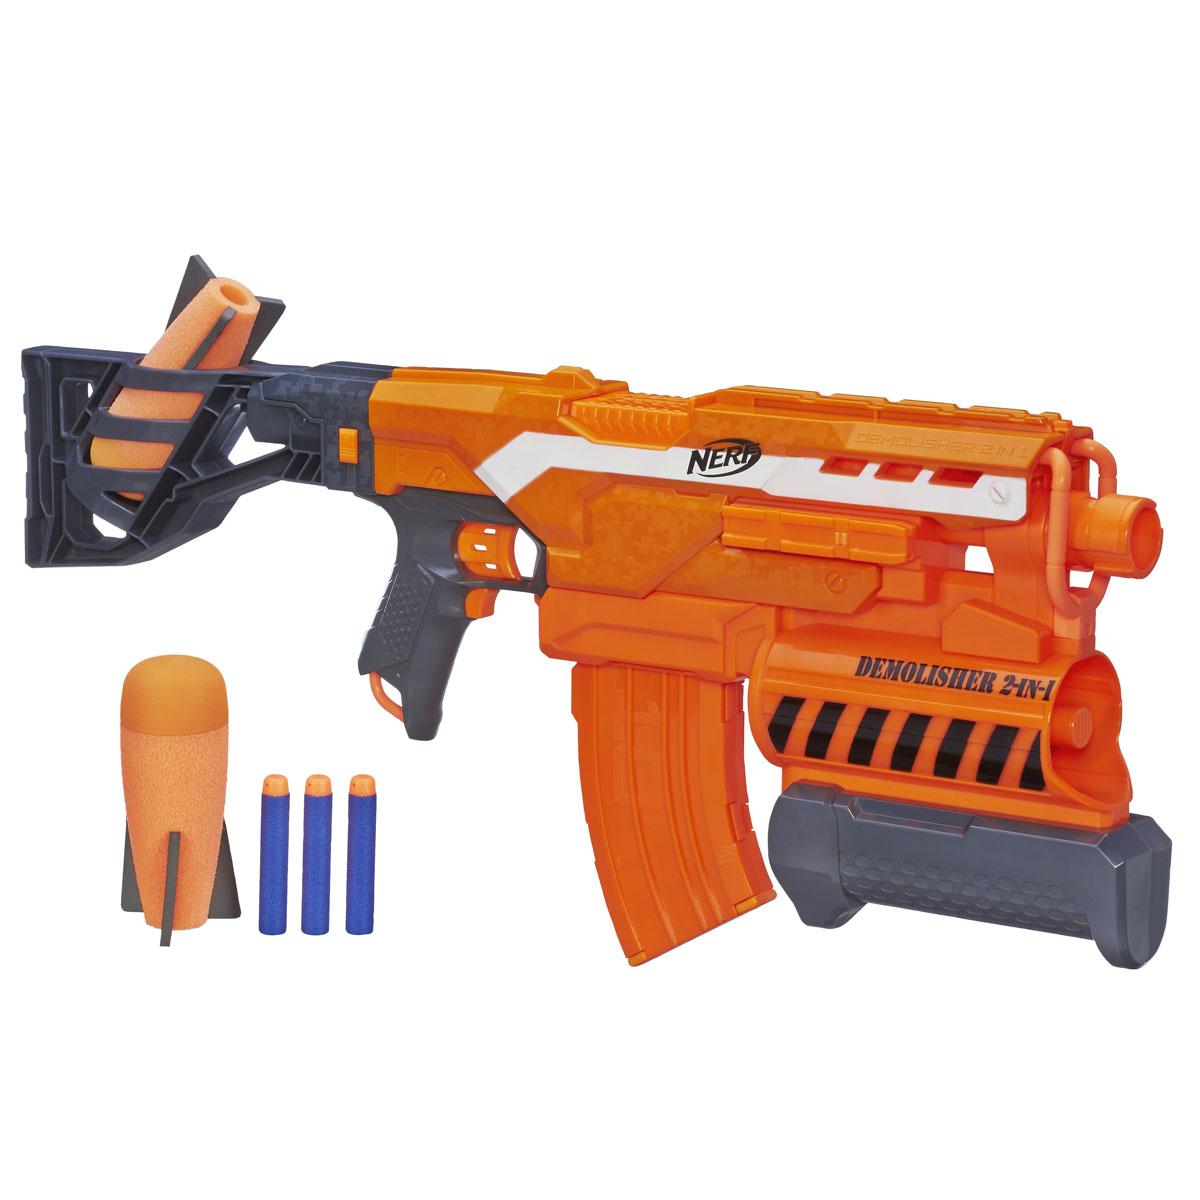 Nerf Бластер N-Strike Elite: Demolisher, 2в1, с патронами, цвет: оранжевыйA8494EU4Бластер Nerf N-Strike Elite: Demolisher позволит вашему ребенку почувствовать себя во всеоружии! Он выполнен из яркого безопасного пластика и снабжен подствольным гранатометом и обоймой на 10 патронов для суперскоростной стрельбы. Комплект включает в себя 10 патронов и 2 гранаты, выполненные из гибкого вспененного полимера. Стреляет на расстояние свыше 22 метров. Гранаты вылетают на расстояние до 16 метров! Игра с таким бластером поможет ребенку в развитии меткости, ловкости, координации движений и сноровки. Необходимо докупить 4 батарейки напряжением 1,5V типа АА (не входят в комплект).